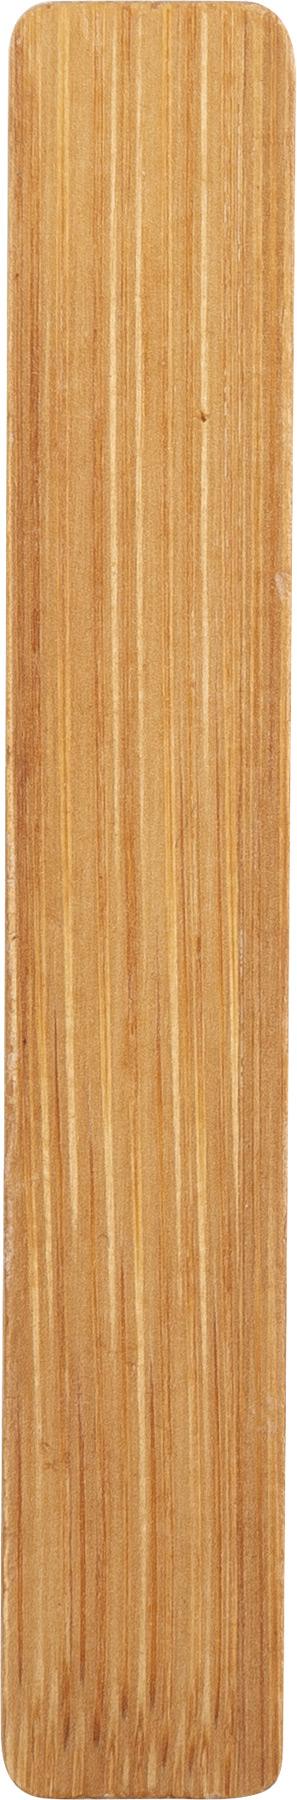 Small Foot Bambusové písmeno I